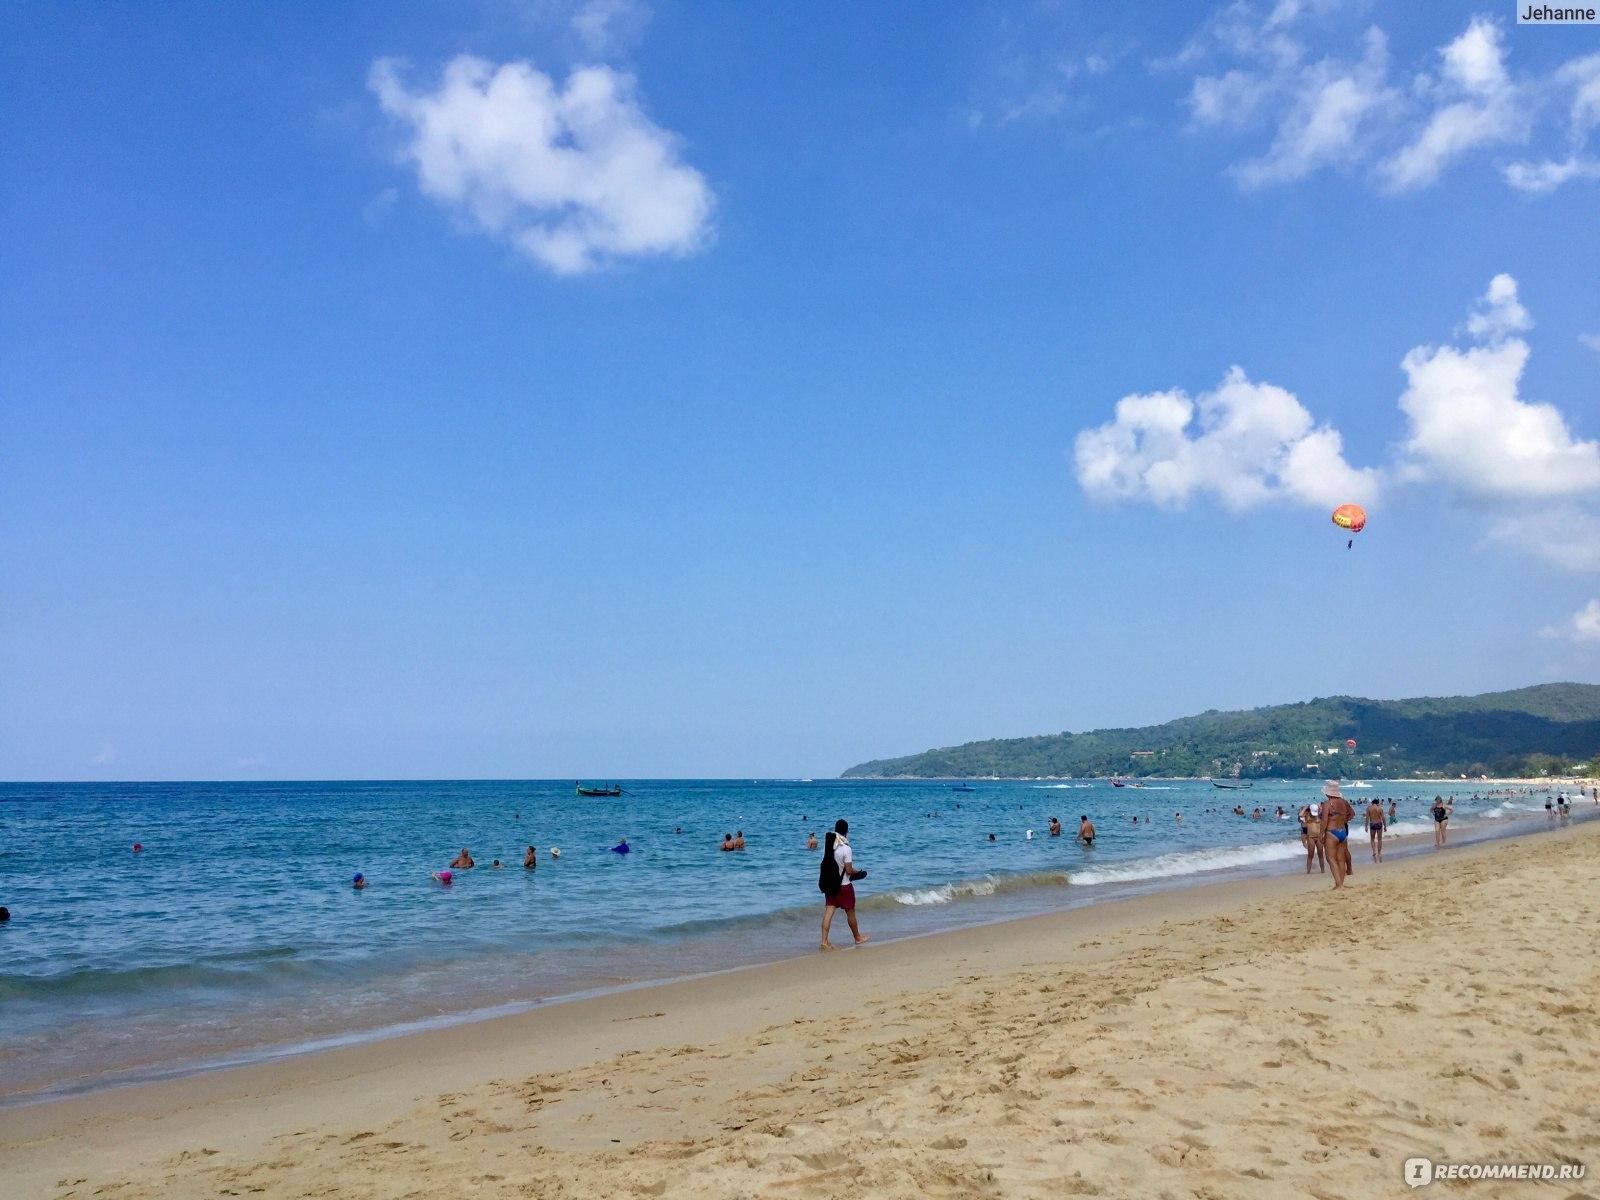 Все пляжи Пхукета и лучшие пляжи острова (Мои отзывы на 12 пляжей, Фото и Отели на о.Пхукет)